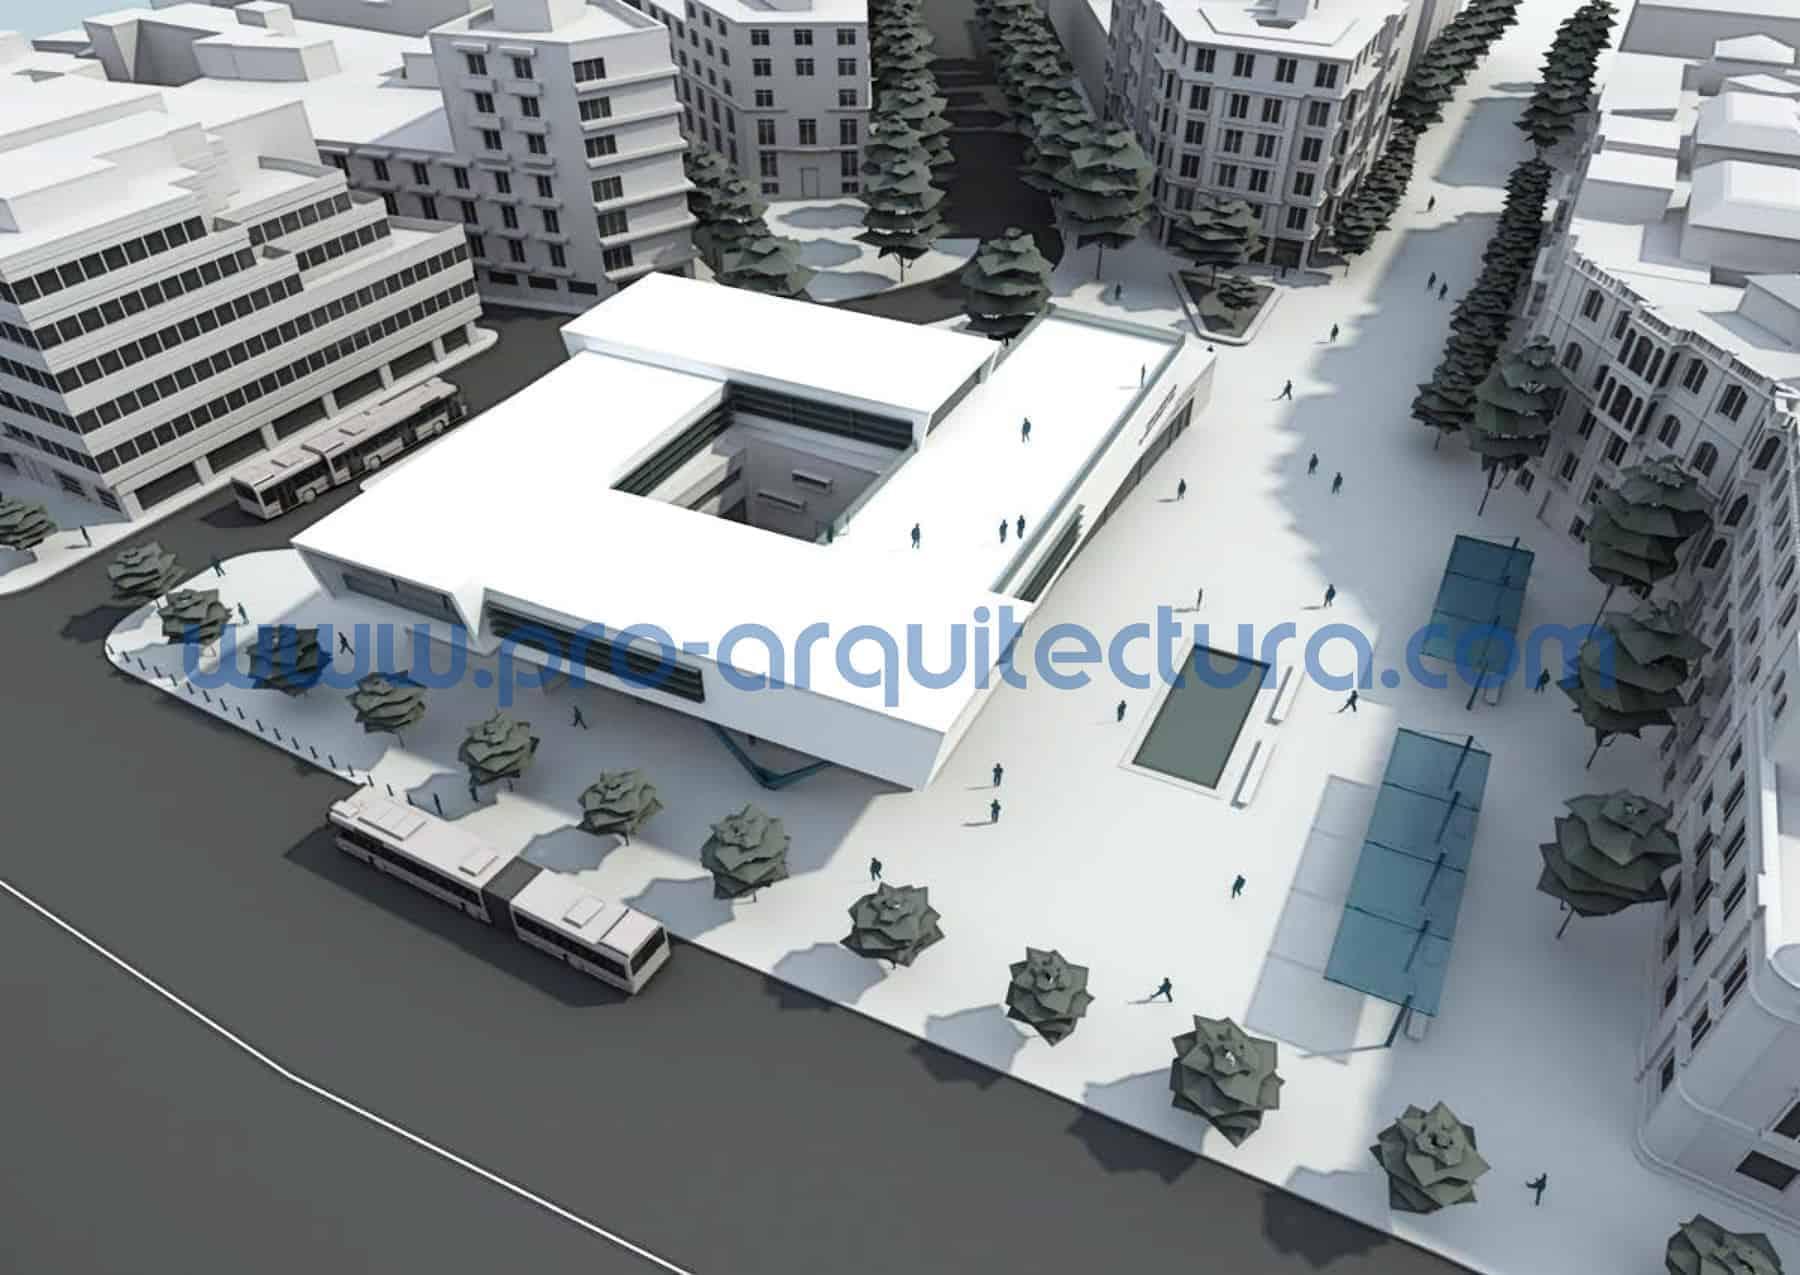 0001-06 Centro de interpretación del casco histórico - Proyecto Básico - Tu ayuda con la entrega del proyecto básico del pfc pfg tfg tfm de arquitectura.